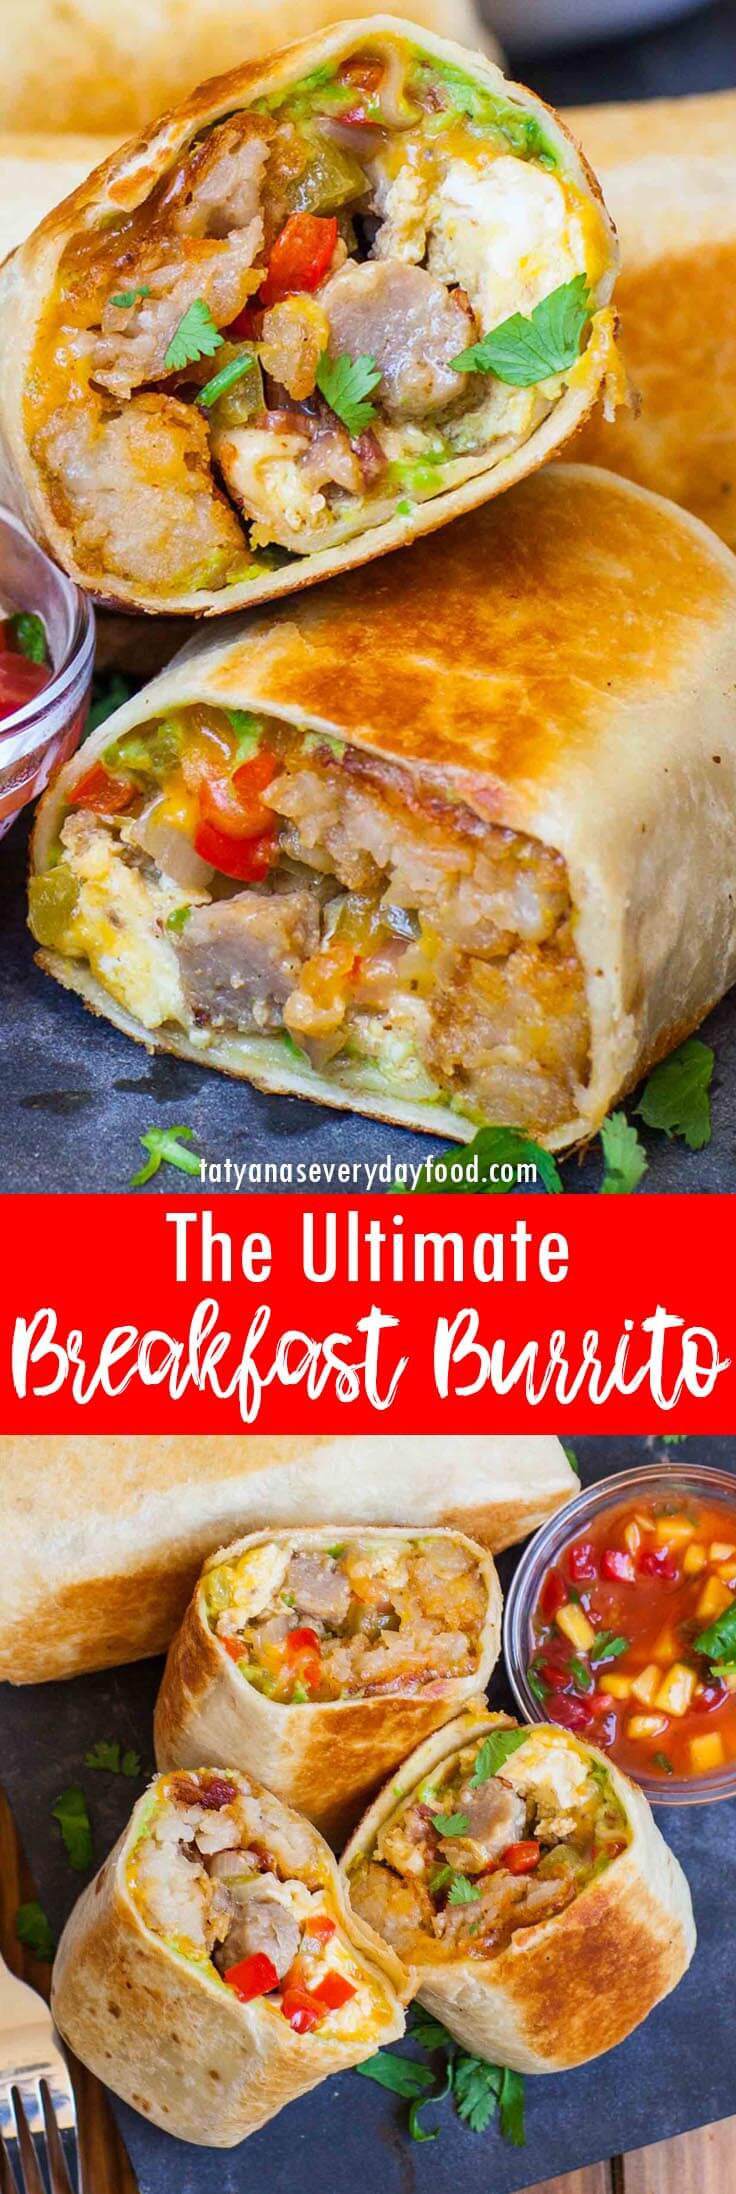 The Ultimate Breakfast Burrito video recipe